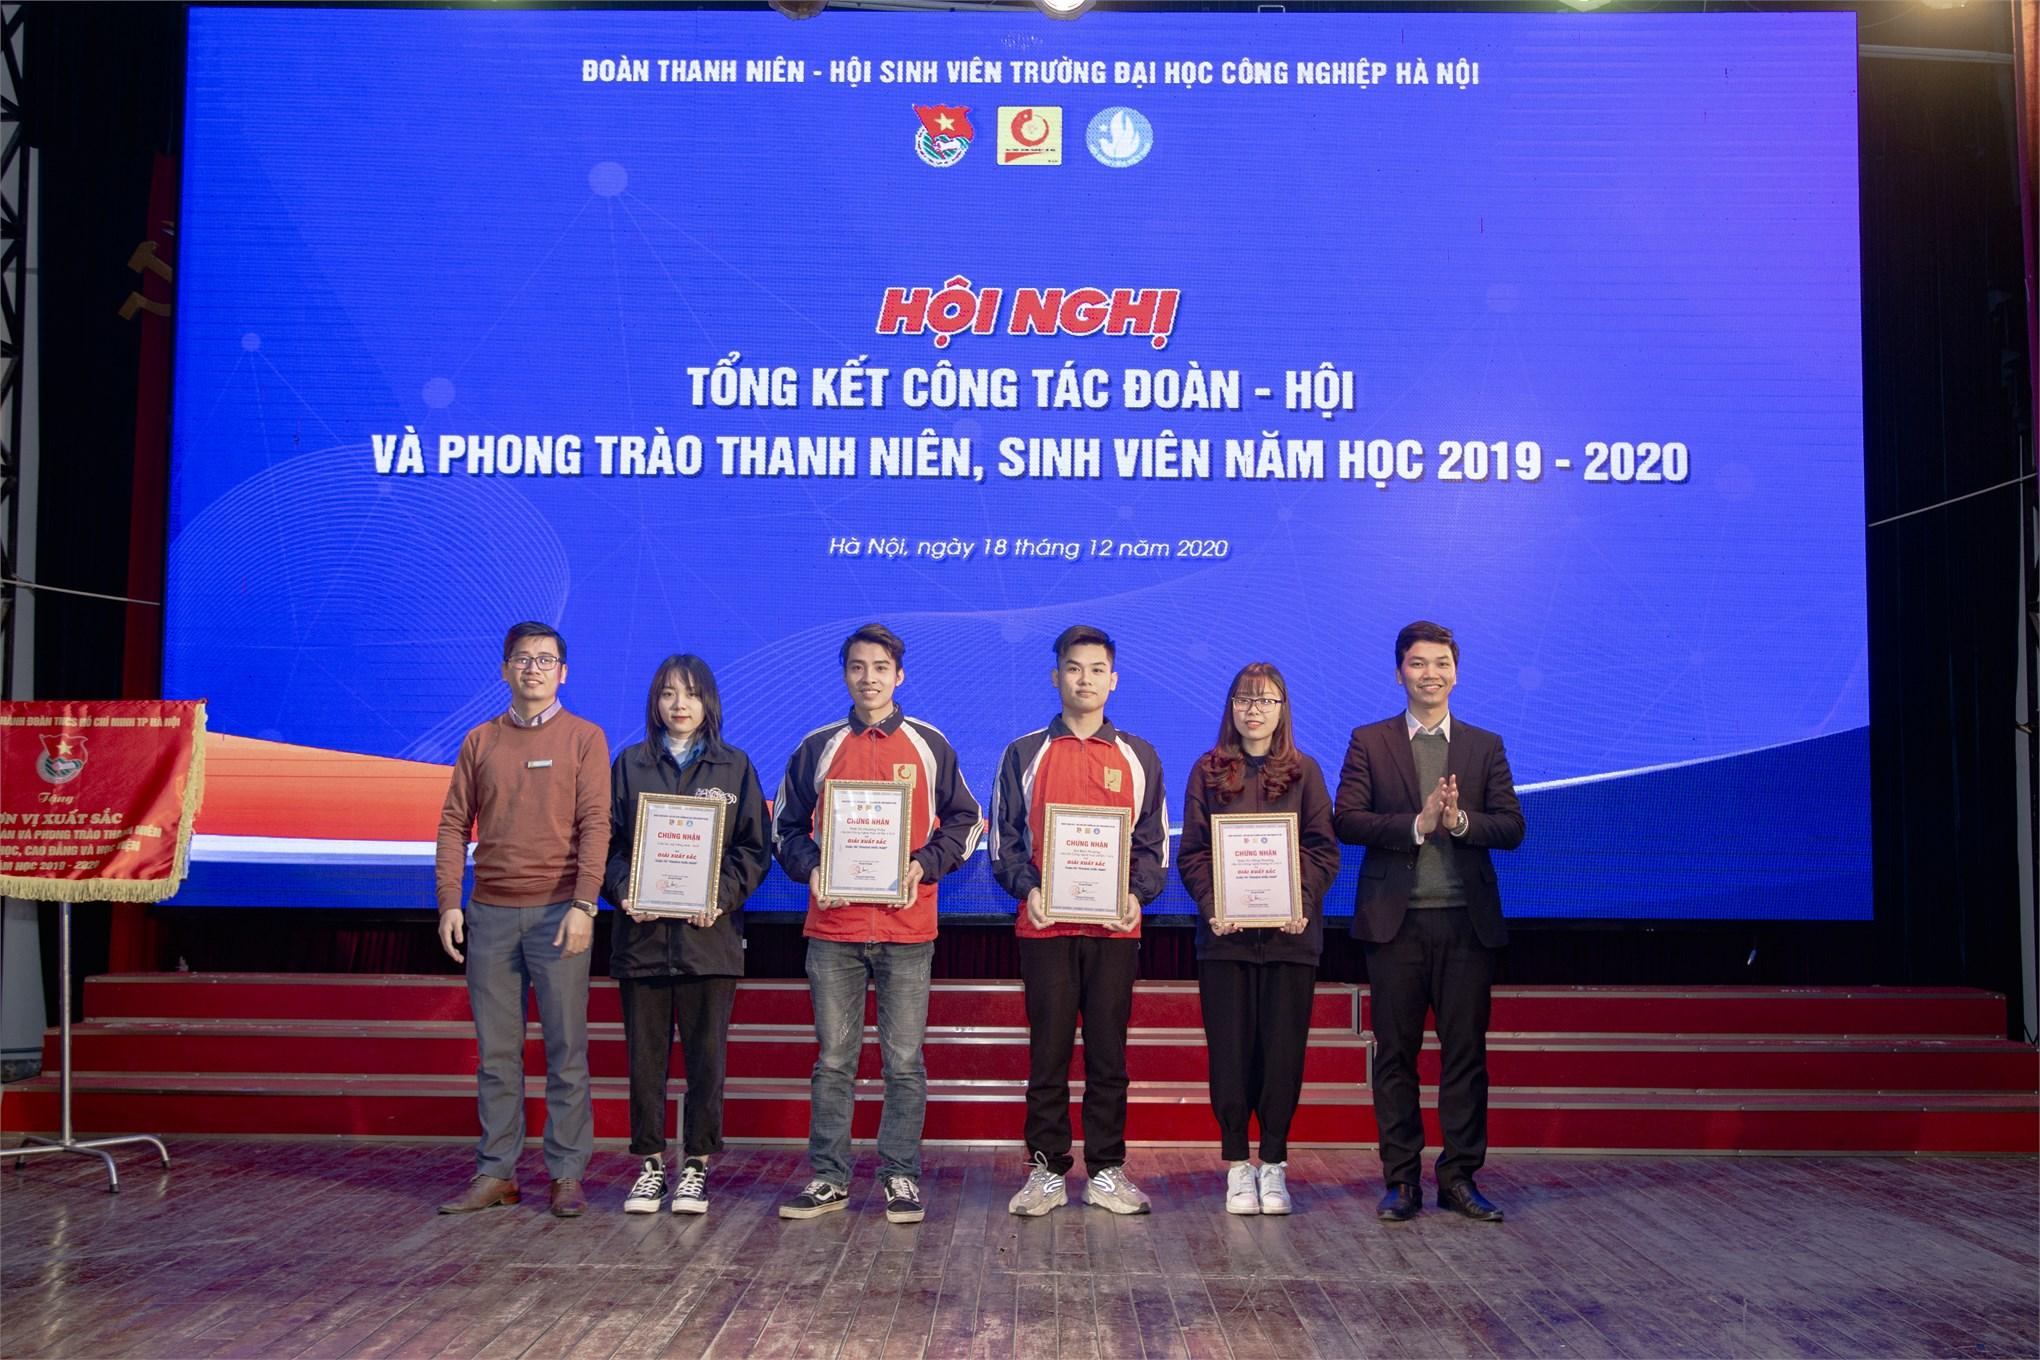 Hội nghị tổng kết công tác Đoàn - Hội và phong trào thanh niên sinh viên năm học 2019 - 2020